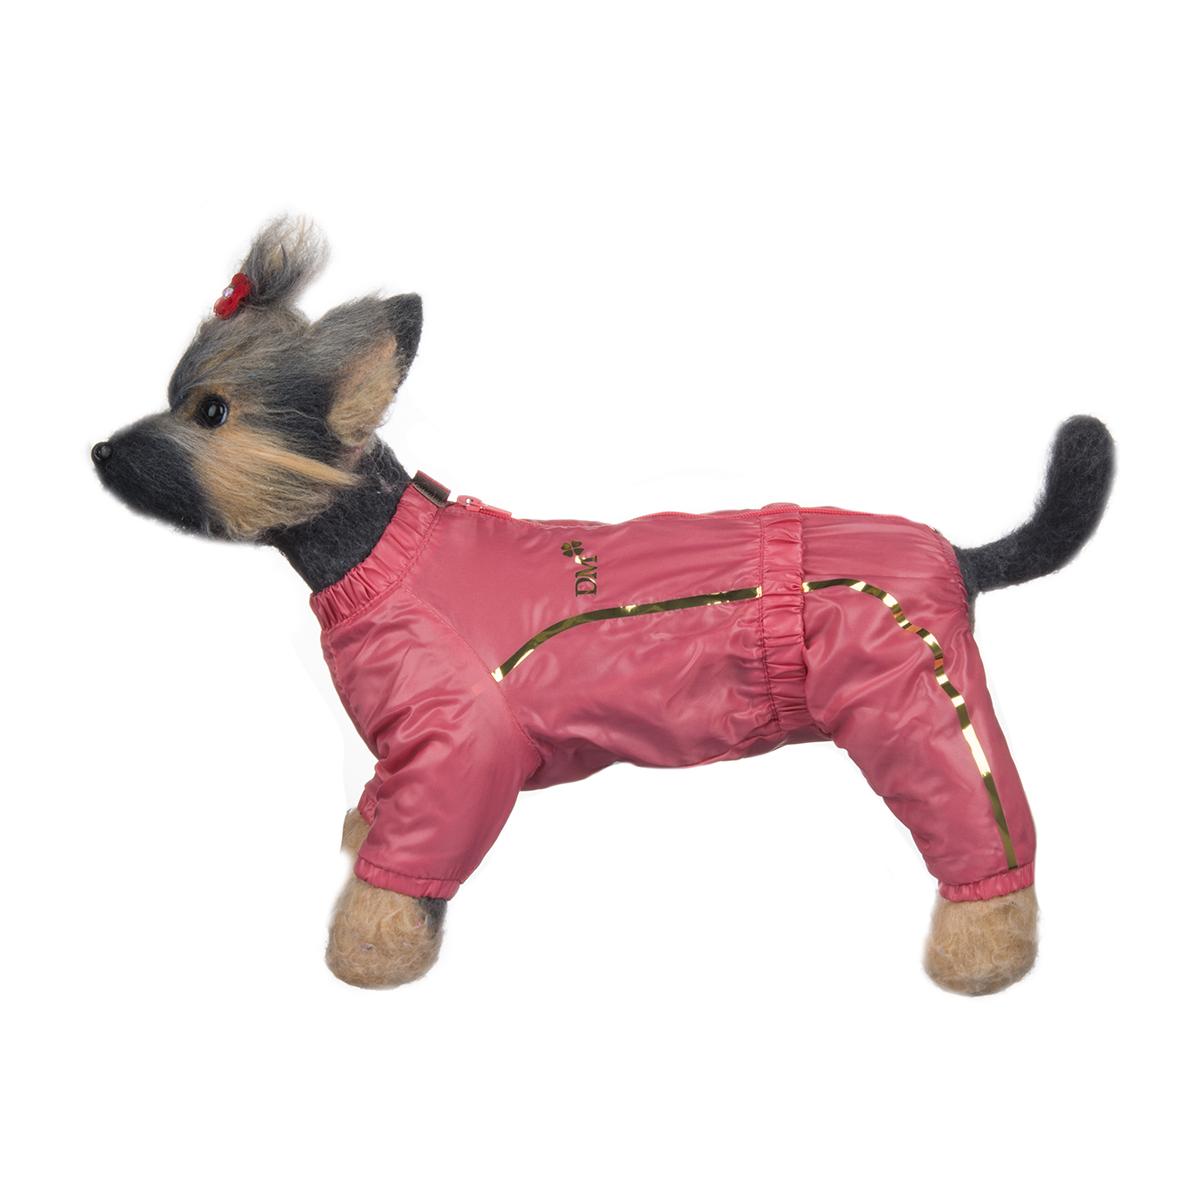 Комбинезон для собак Dogmoda Альпы, для девочки, цвет: коралловый. Размер 4 (XL)DM-150326-4Комбинезон для собак Dogmoda Альпы отлично подойдет для прогулок поздней осенью или ранней весной. Комбинезон изготовлен из полиэстера, защищающего от ветра и осадков, с подкладкой из флиса, которая сохранит тепло и обеспечит отличный воздухообмен. Комбинезон застегивается на молнию и липучку, благодаря чему его легко надевать и снимать. Ворот, низ рукавов и брючин оснащены внутренними резинками, которые мягко обхватывают шею и лапки, не позволяя просачиваться холодному воздуху. На пояснице имеется внутренняя резинка. Изделие декорировано золотистыми полосками и надписью DM.Благодаря такому комбинезону простуда не грозит вашему питомцу и он не даст любимцу продрогнуть на прогулке.Одежда для собак: нужна ли она и как её выбрать. Статья OZON Гид